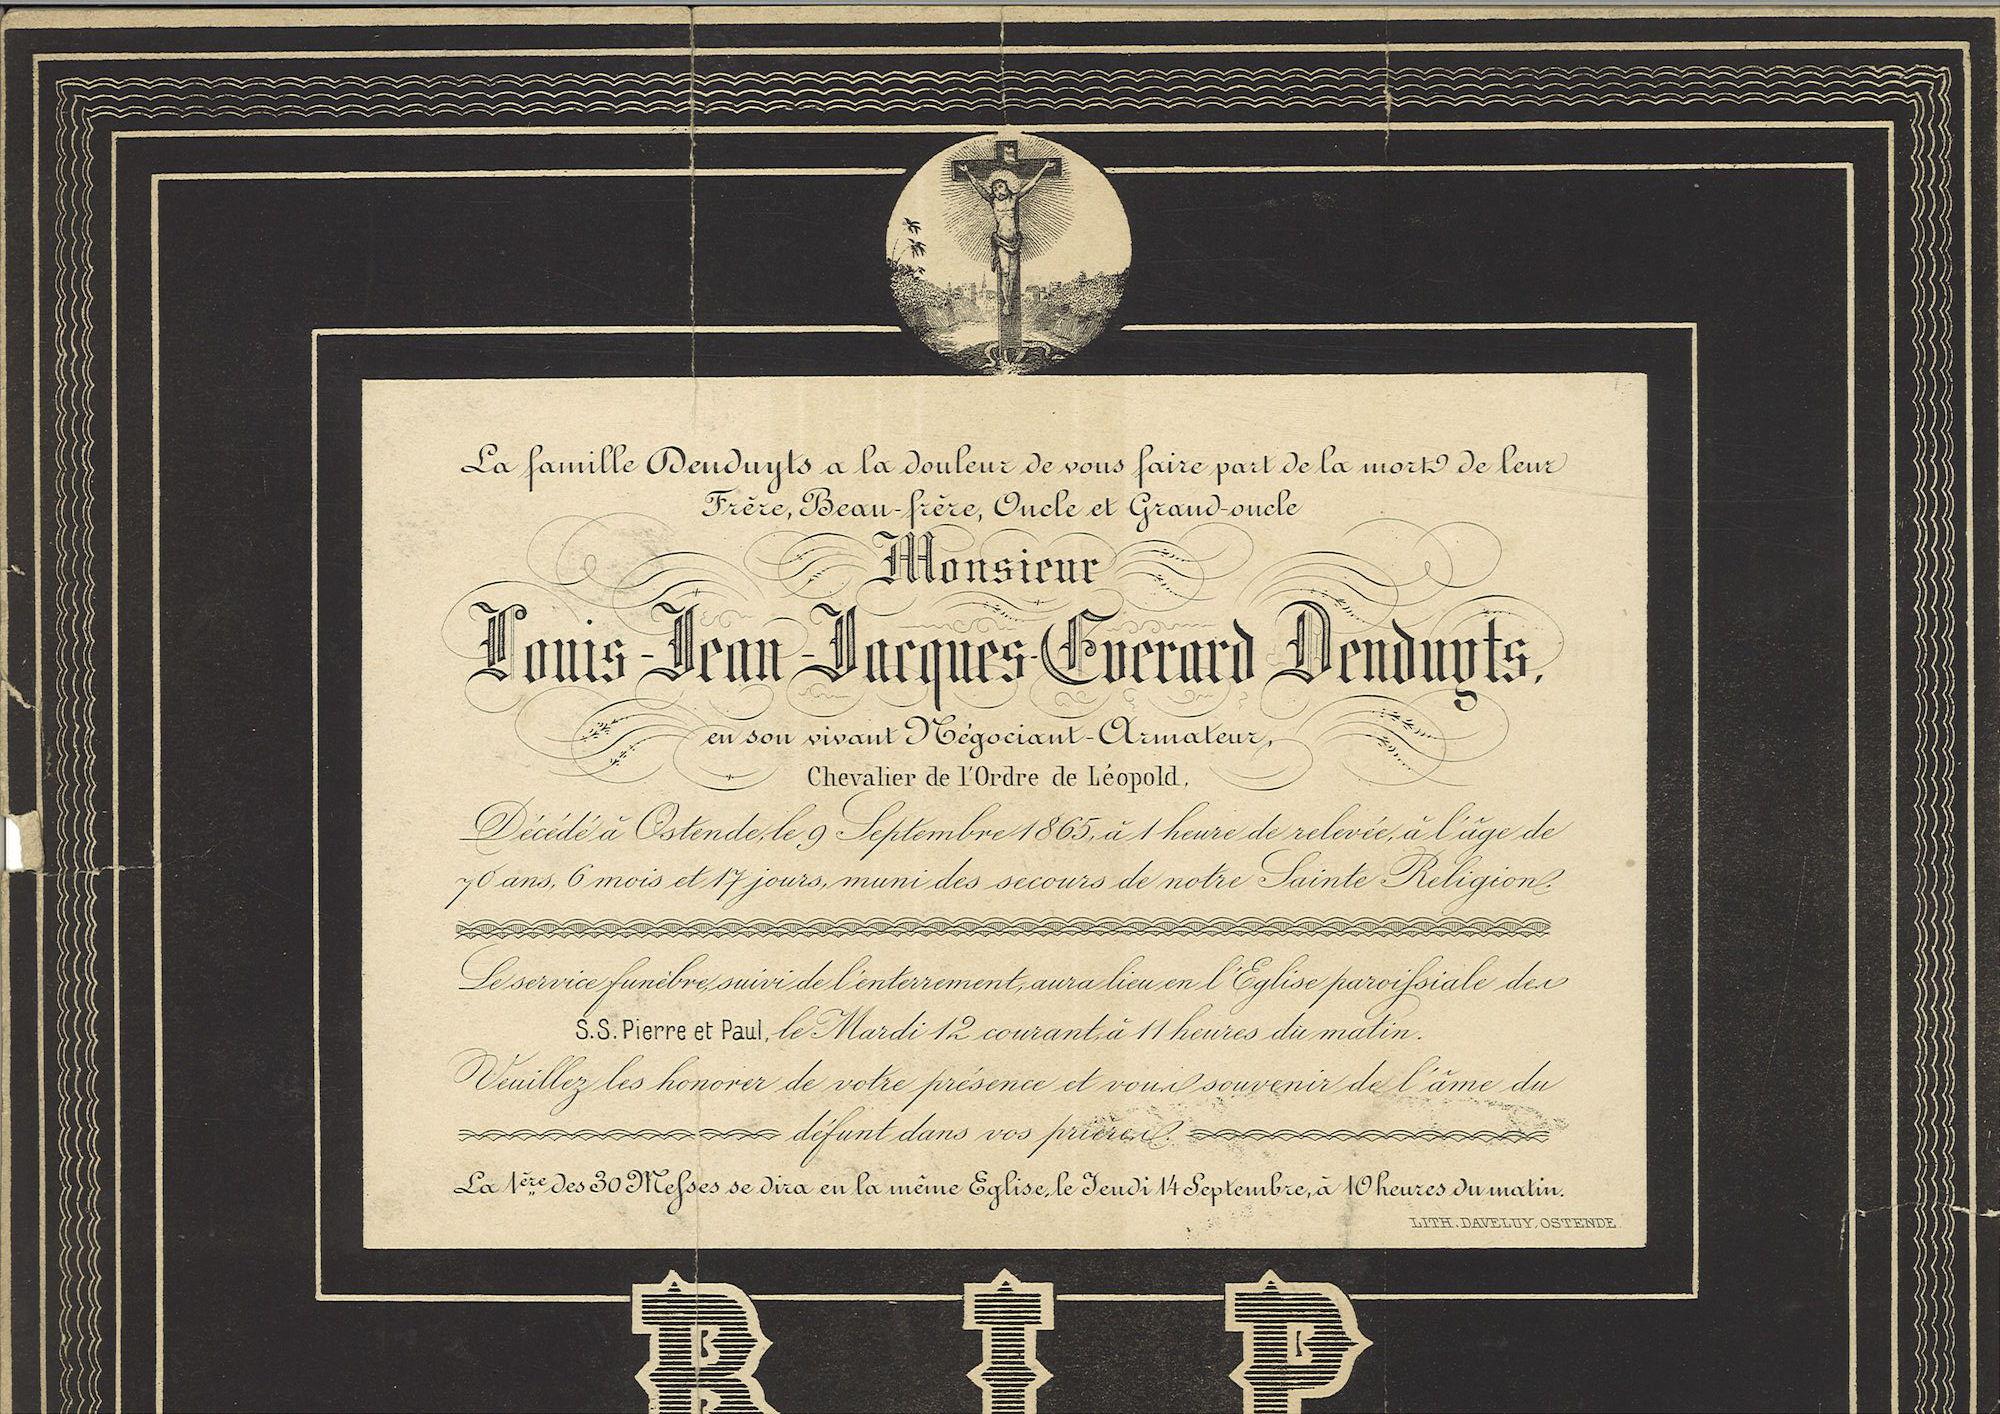 Louis-Jean-Jacques-Everard Denduyts